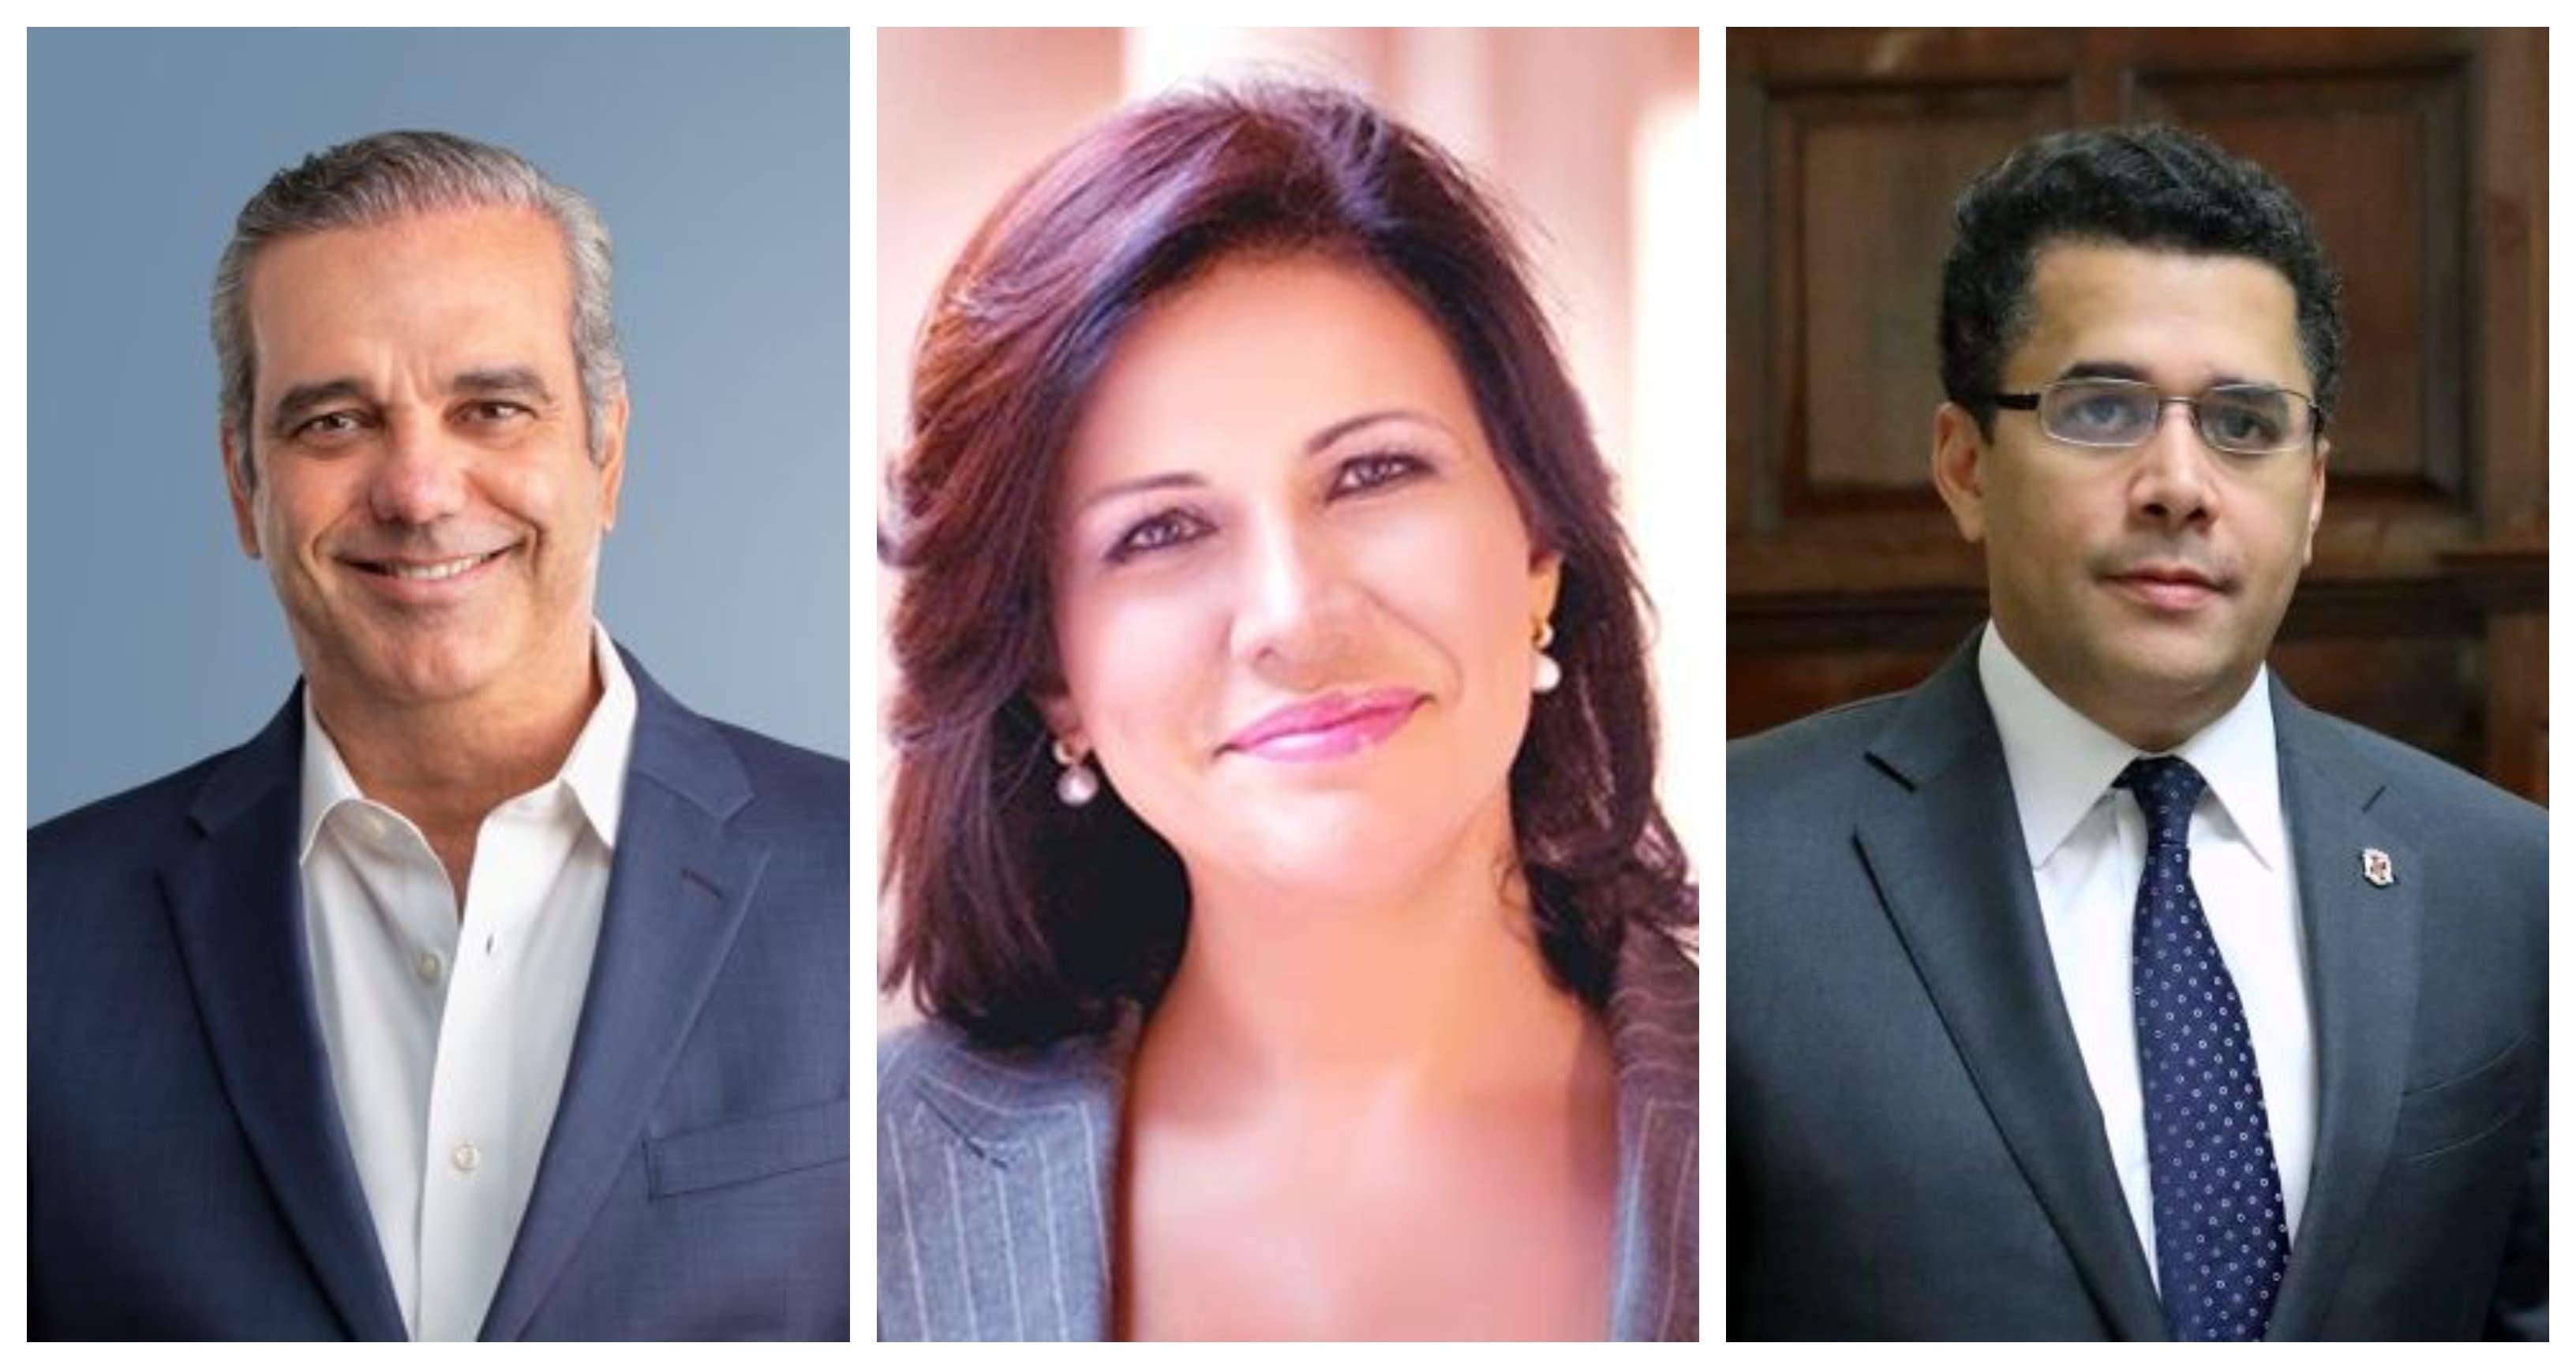 Encuesta Mark Penn/Stagwell: Solo Luis Abinader, David Collado y Margarita Cedeño tienen favorabilidad neta positiva